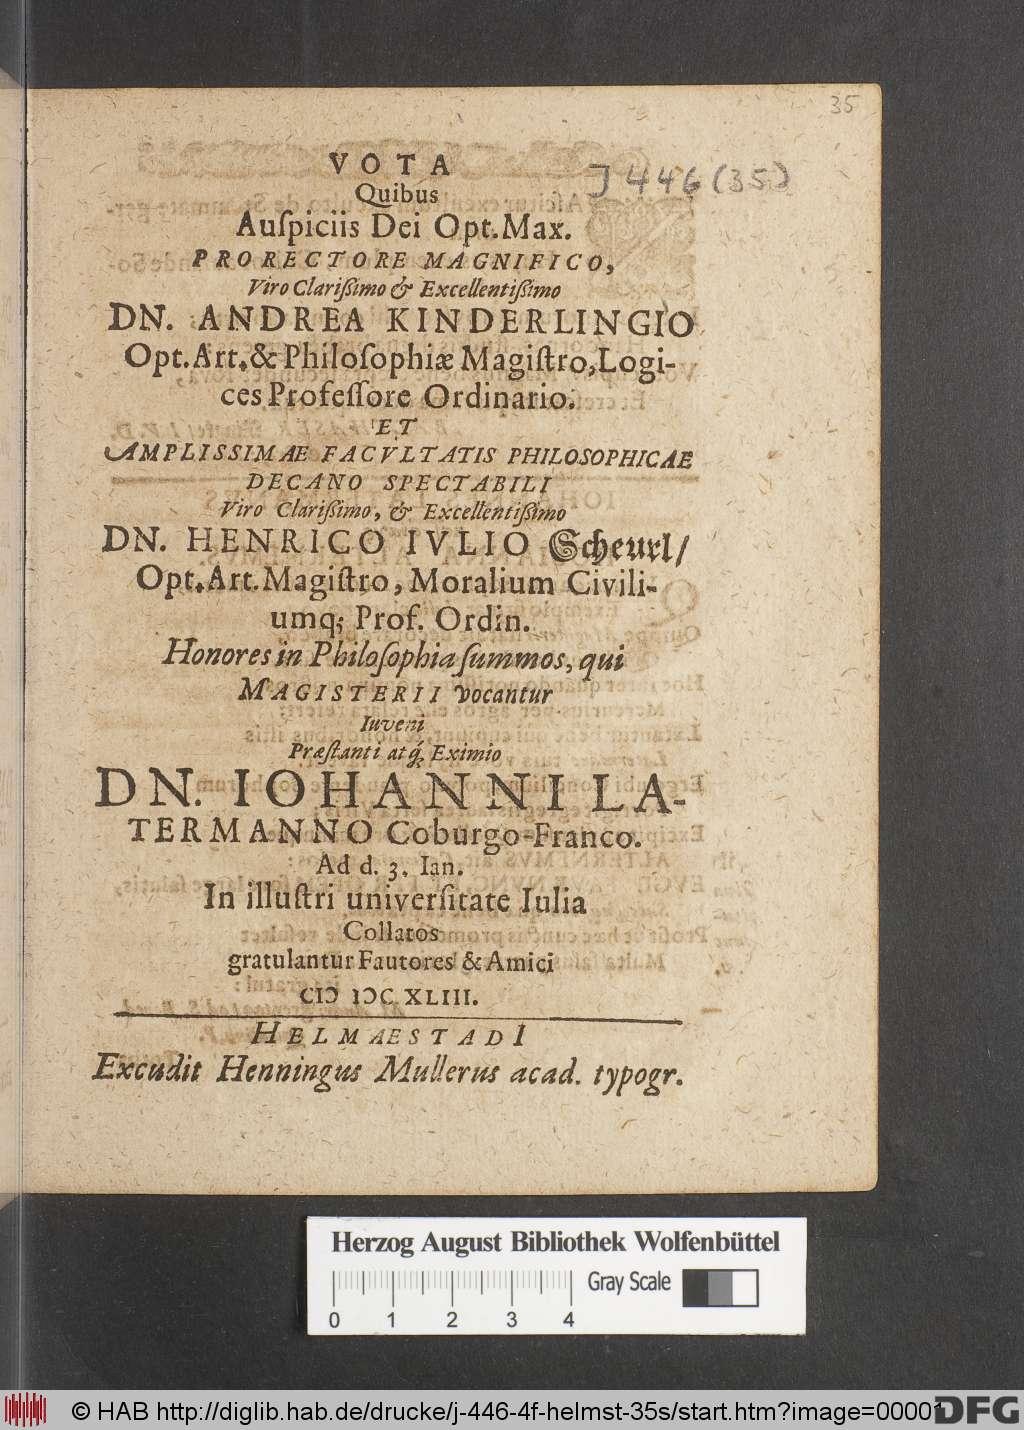 http://diglib.hab.de/drucke/j-446-4f-helmst-35s/00001.jpg